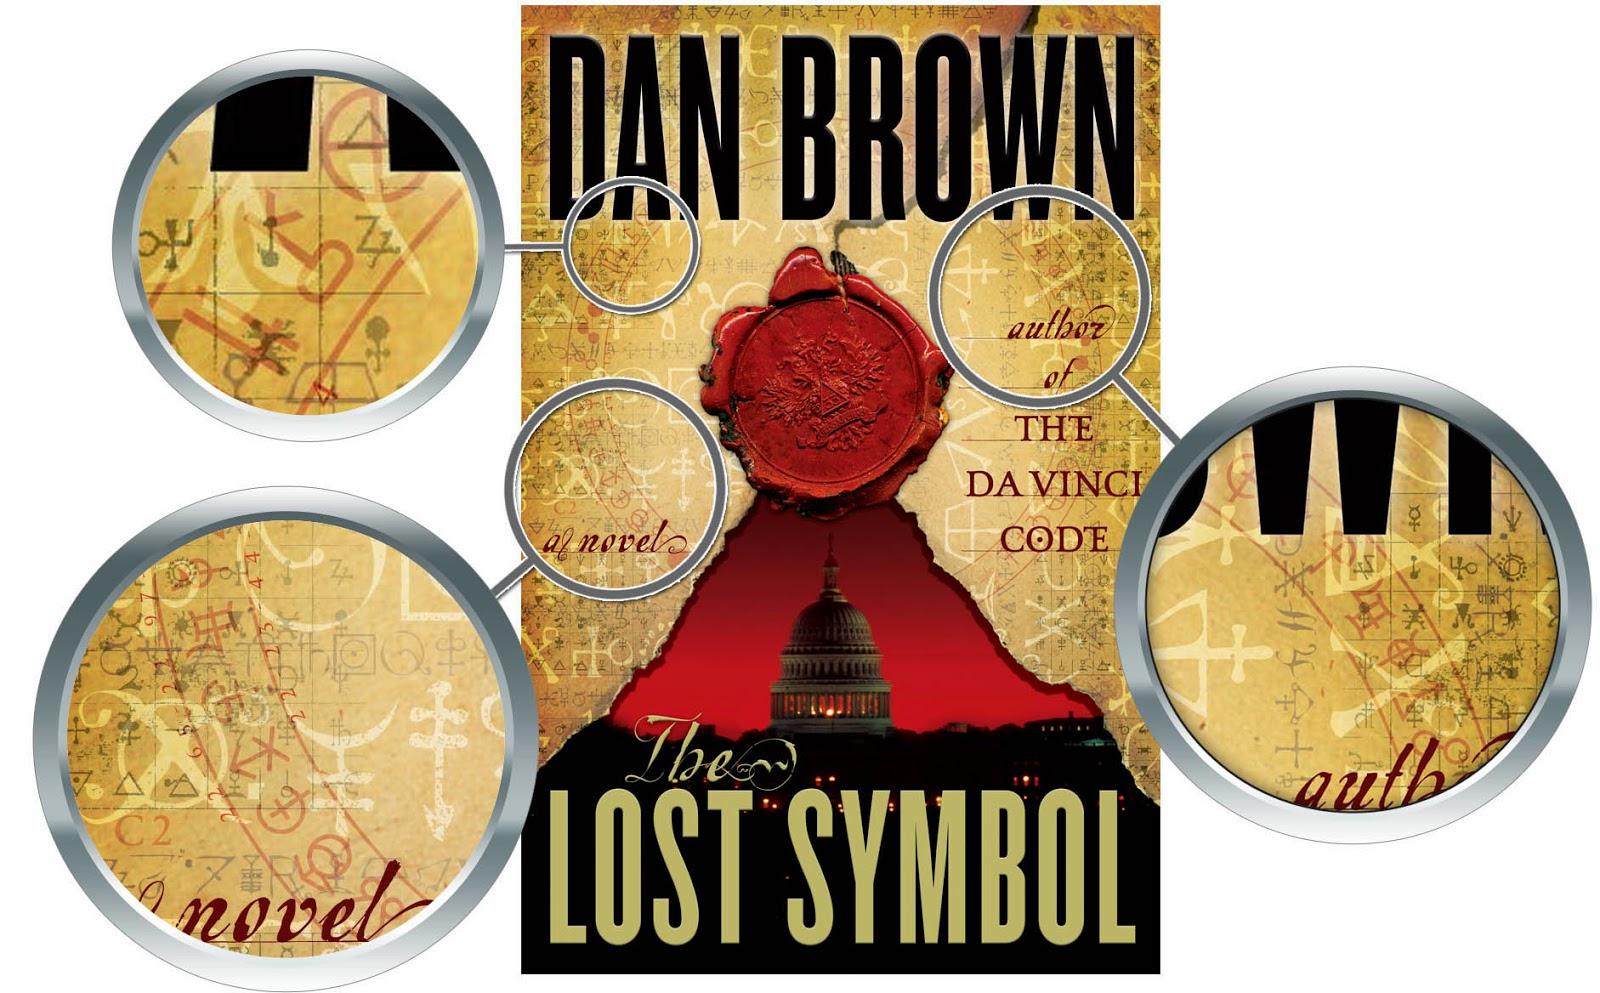 Канал NBC заказал пилотный эпизод сериала «Лэнгдон» — помотивам романа Дэна Брауна